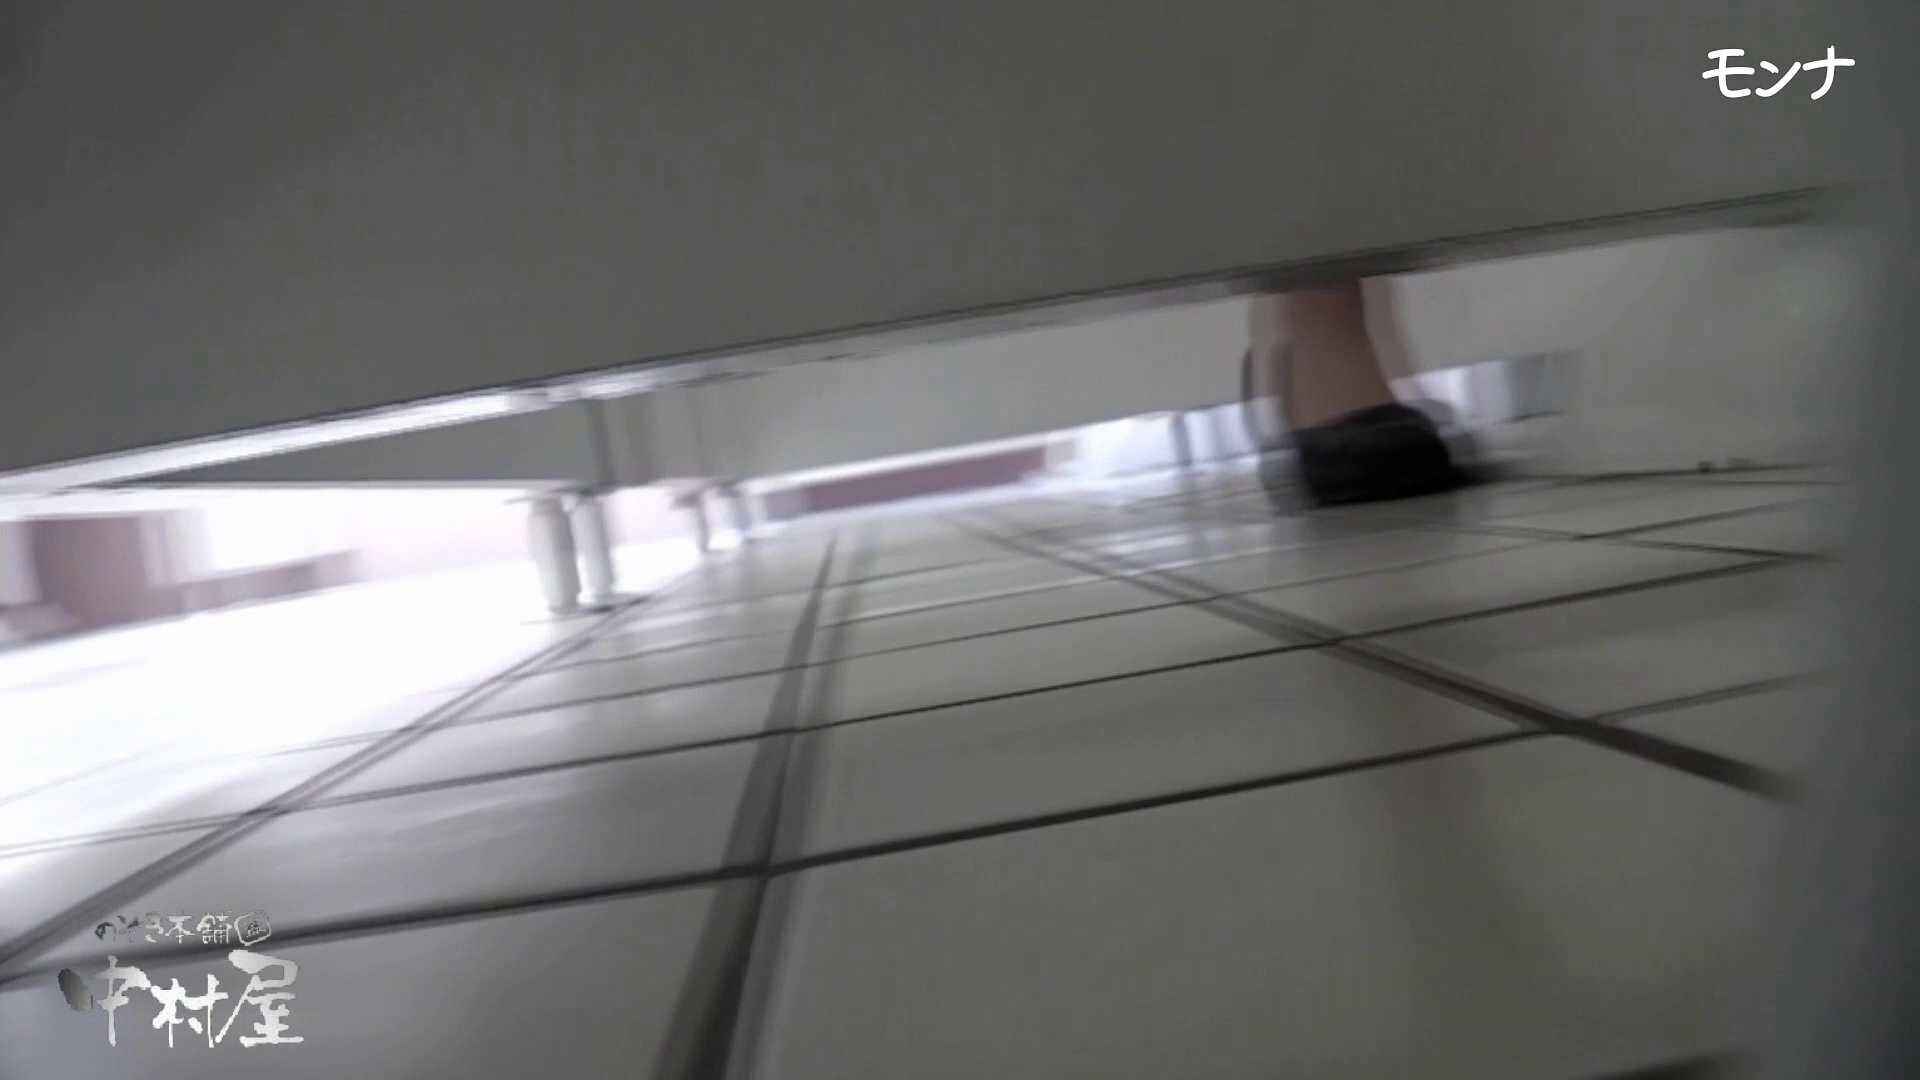 【美しい日本の未来】美しい日本の未来 No.69 ひやっと!終始15cmのしらすを垂らしながら・・・ OLハメ撮り  105Pix 64